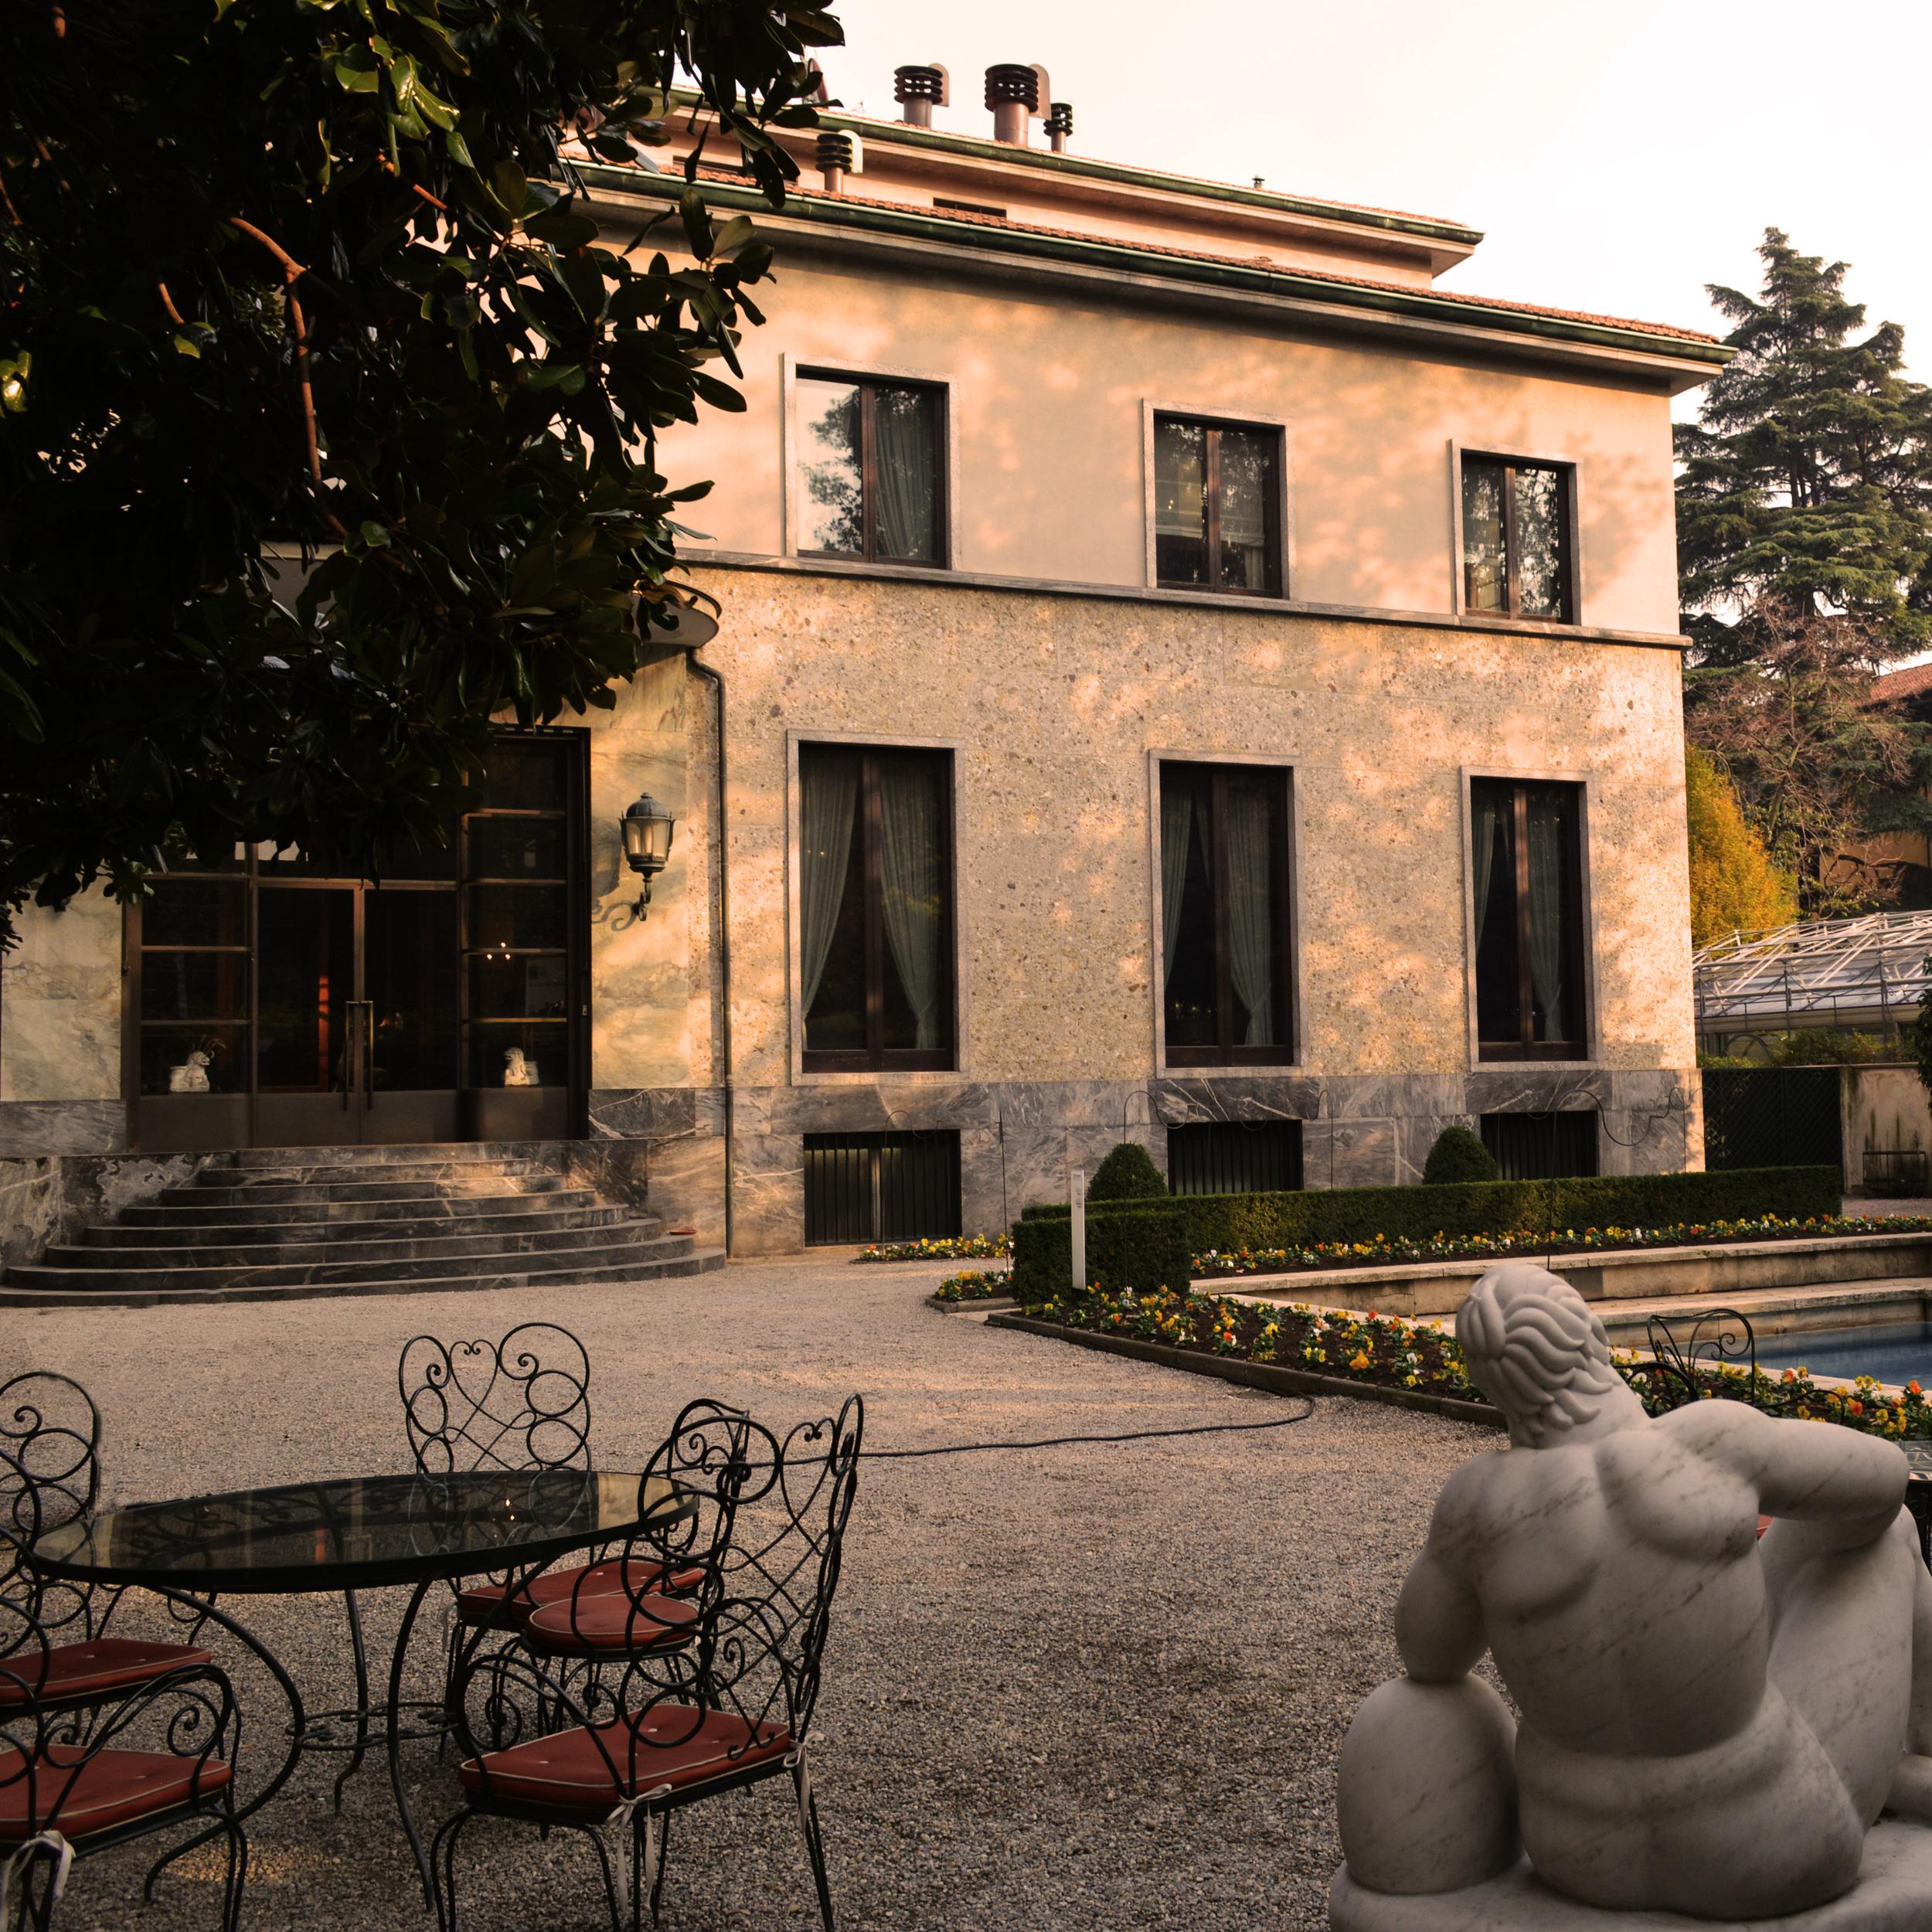 Villa Necchi Campiglio in Milan is an architectural gem by Piero Portaluppi.